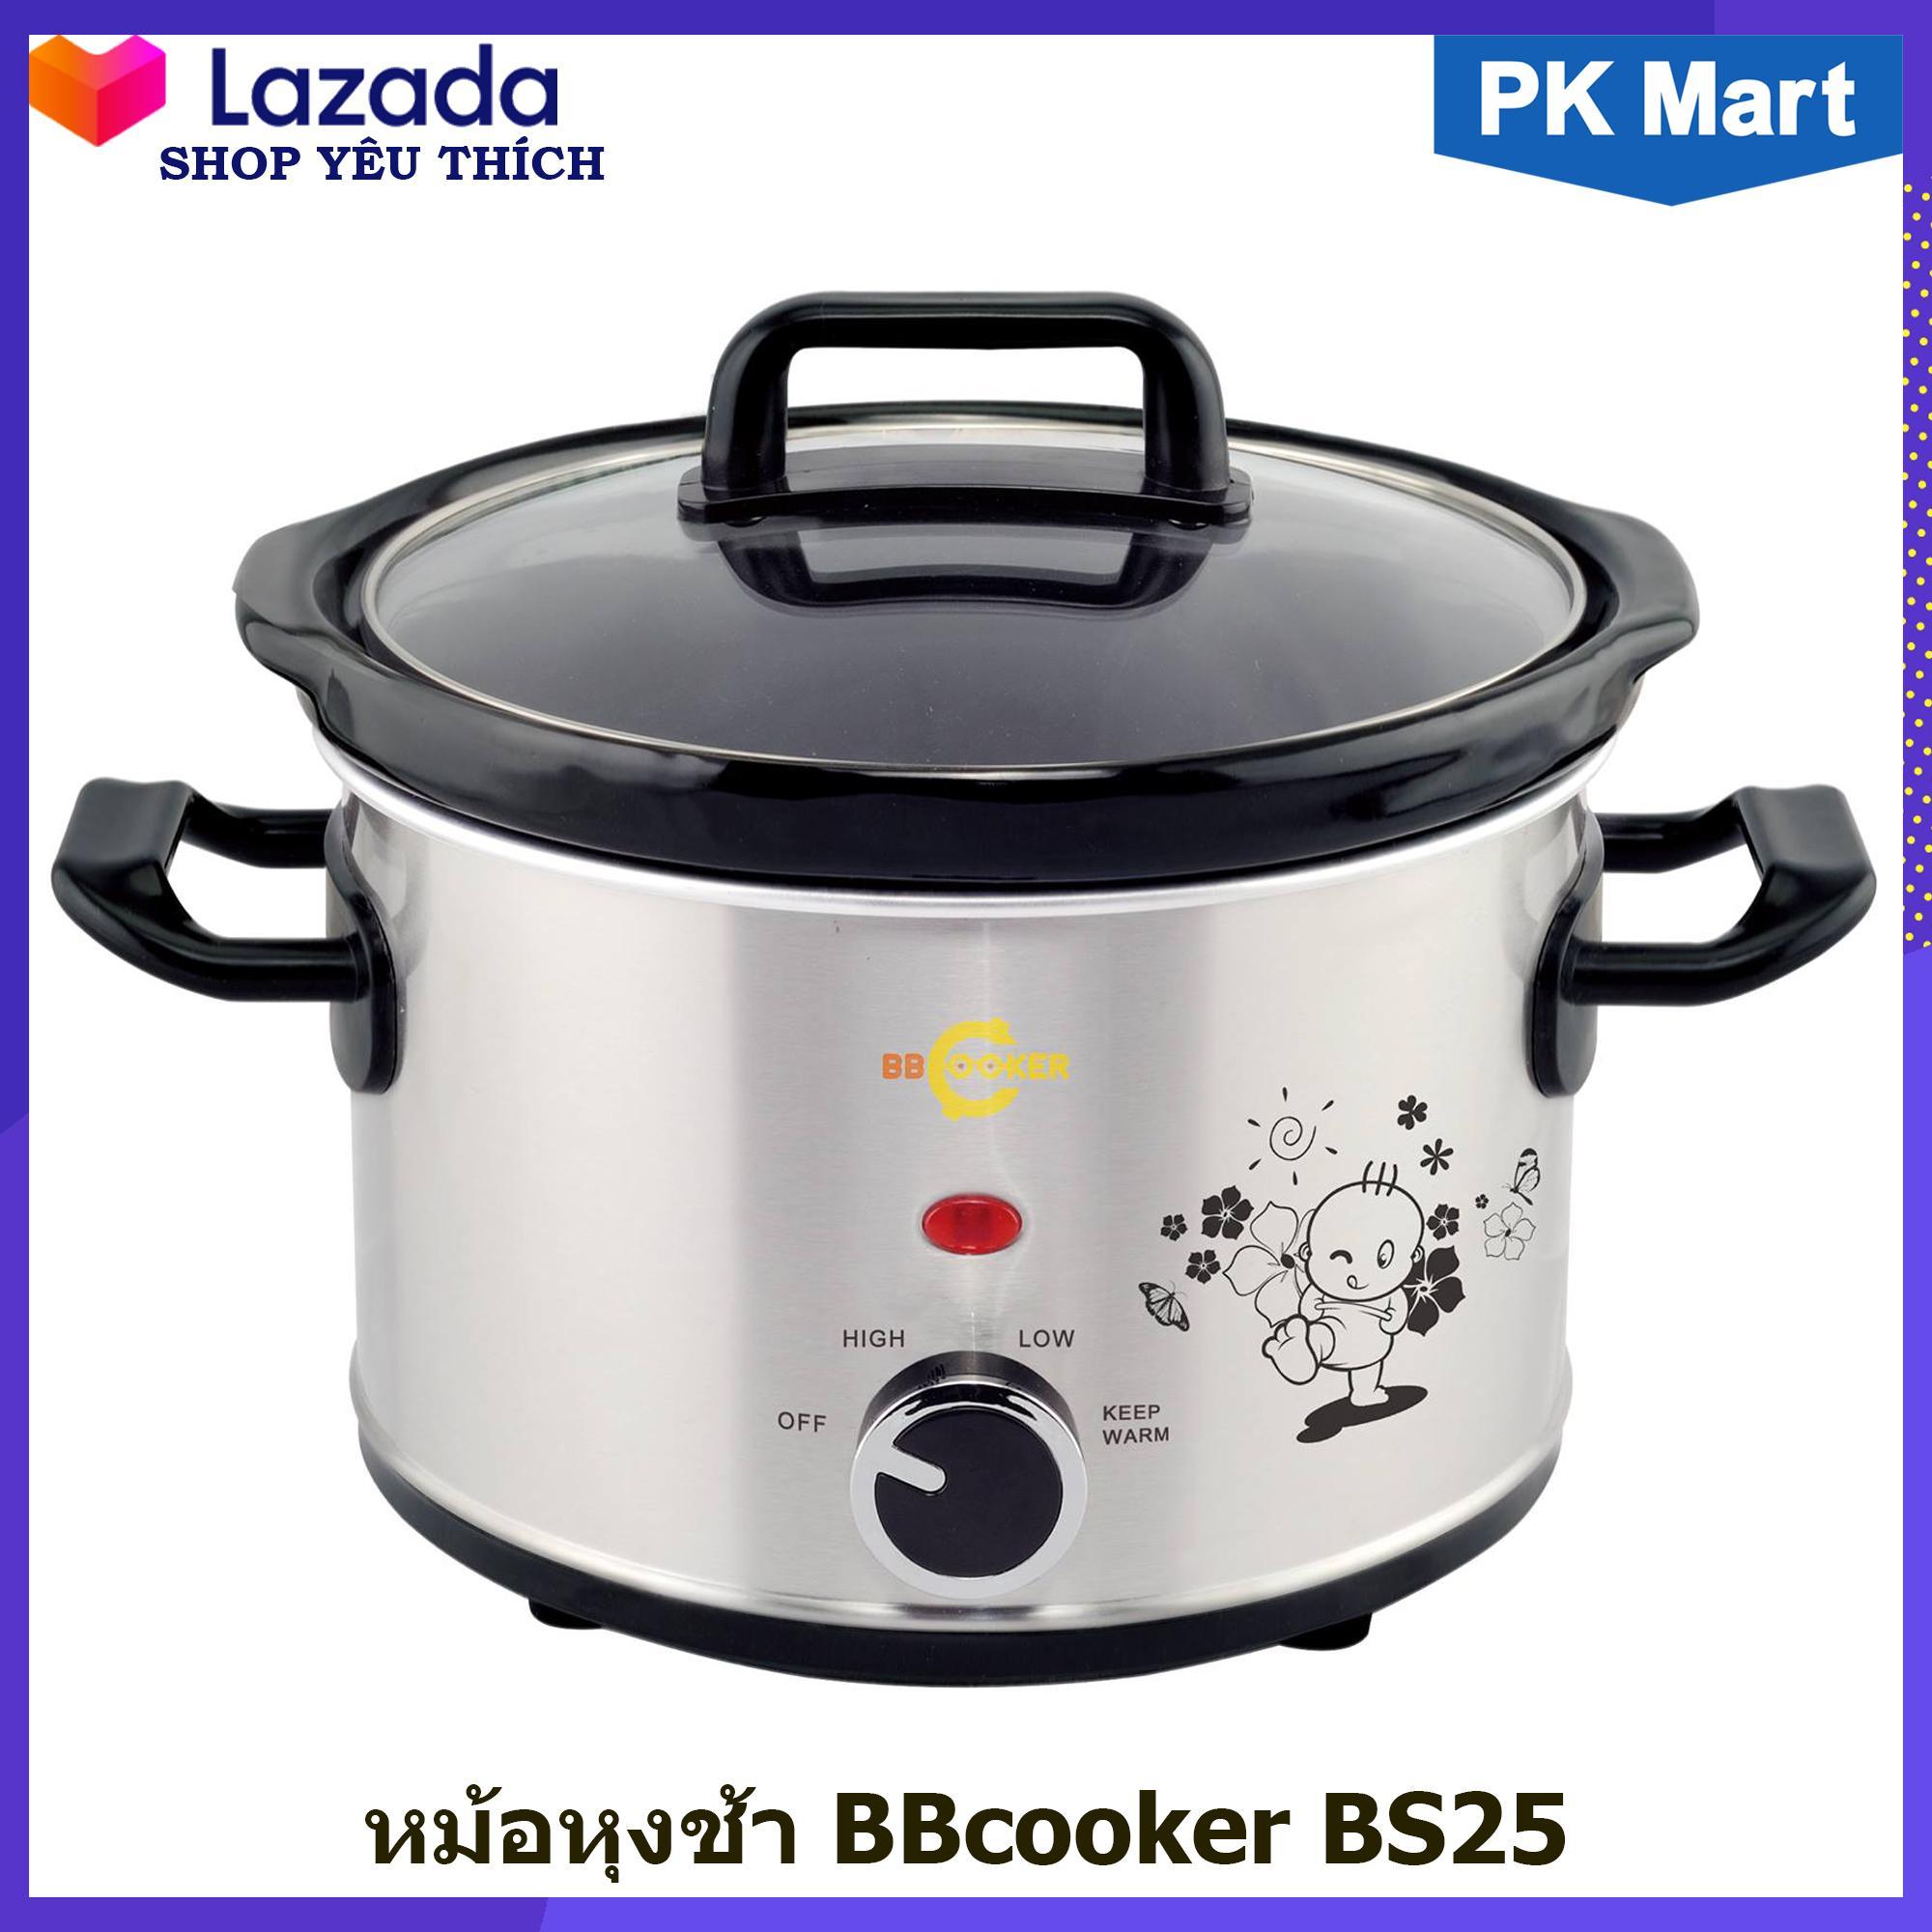 Nồi hầm chậm nấu cháo đa năng Bbcooker BS25 2.5L